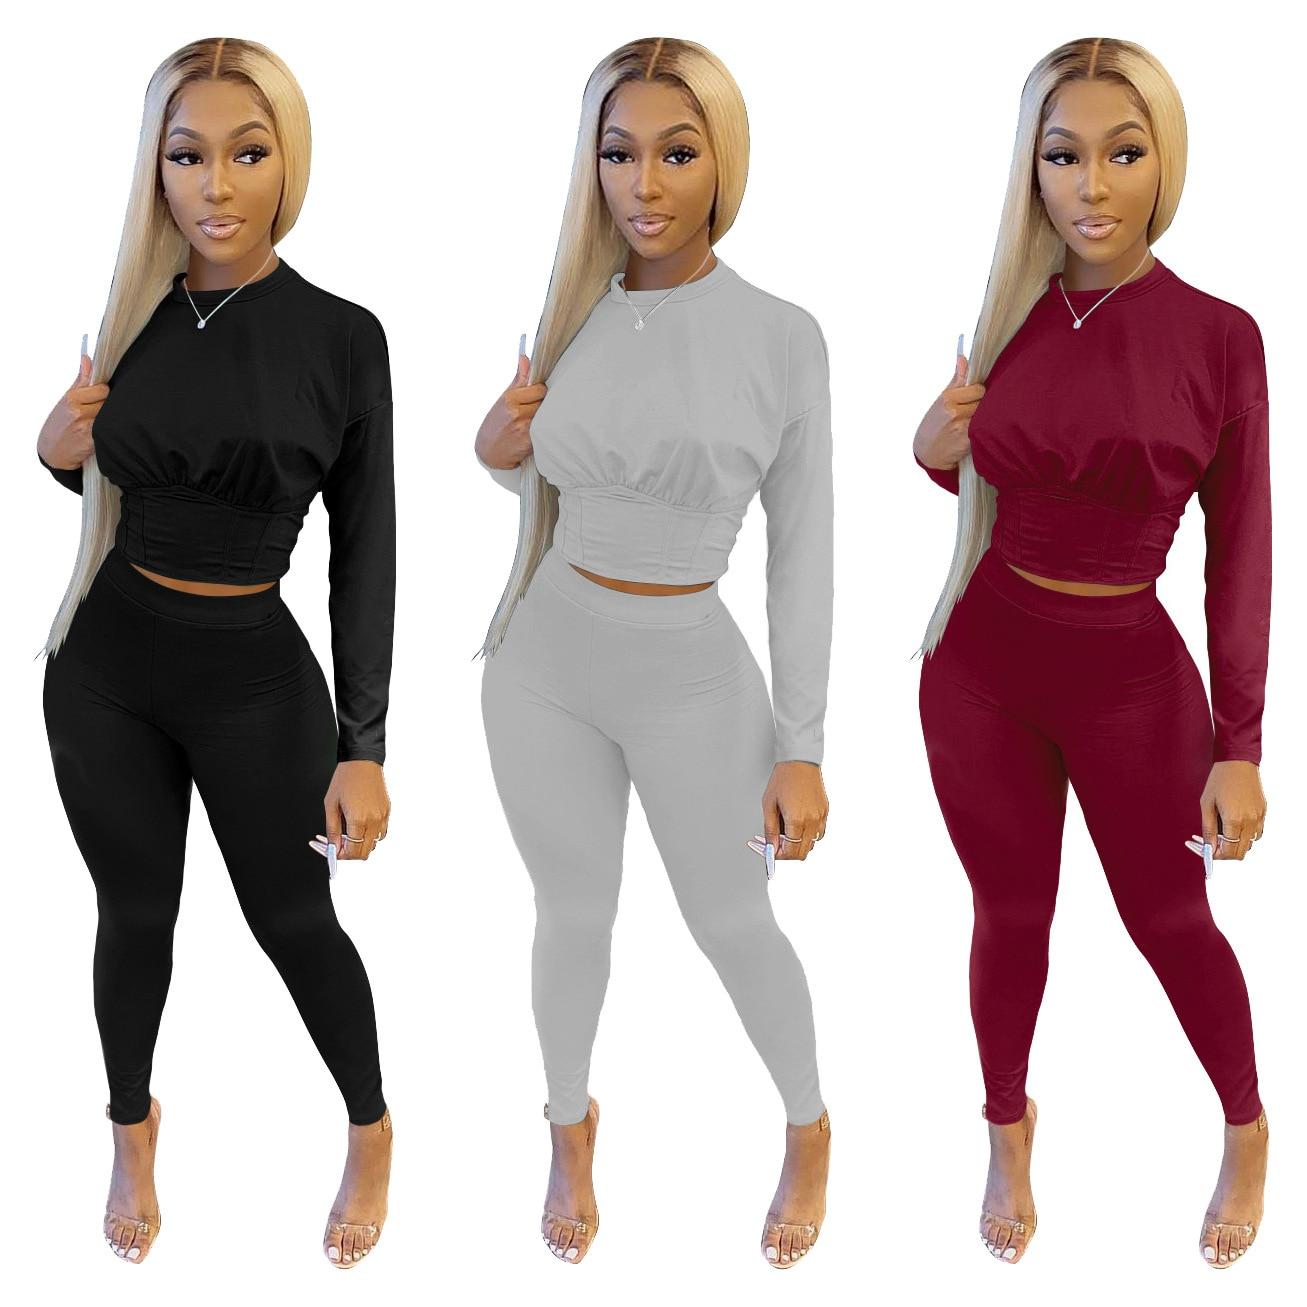 Женские однотонные повседневные спортивные костюмы 2021, свободная футболка с круглым вырезом, брюки, костюмы, женские летние комплекты из дв...